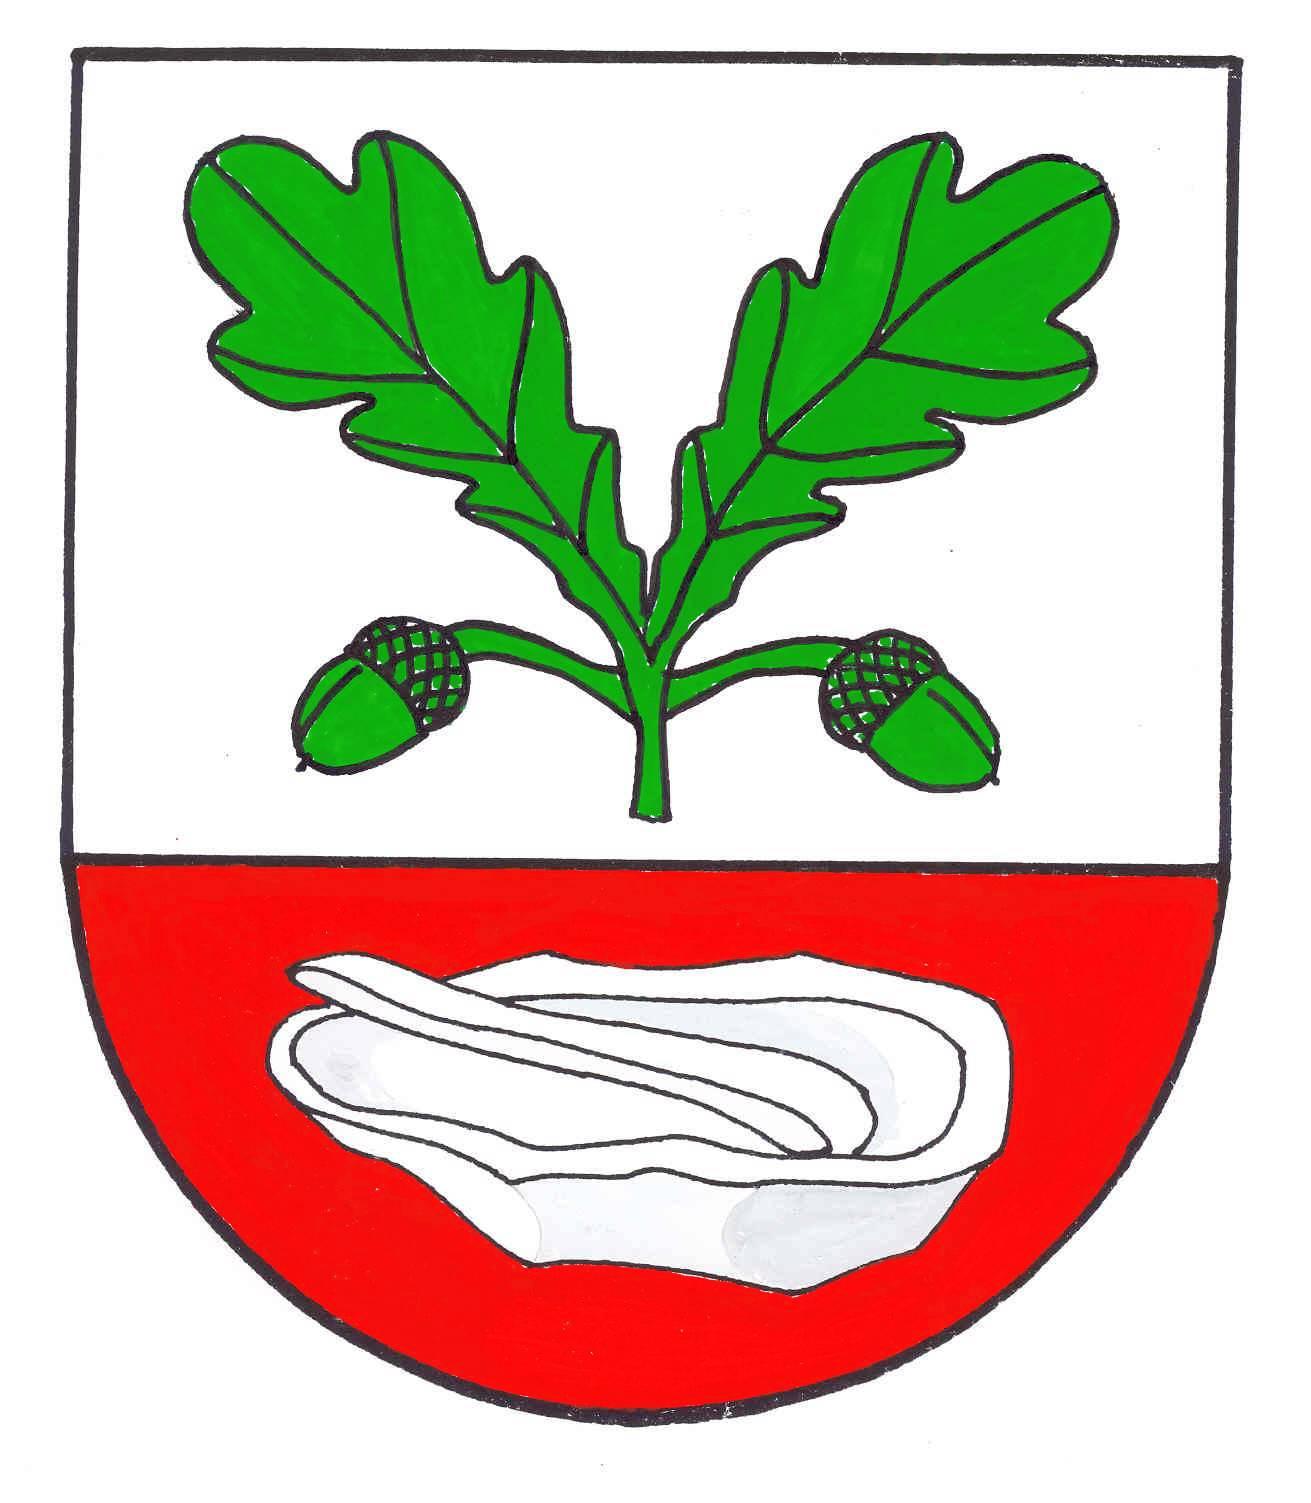 Wappen GemeindeQuarnstedt, Kreis Steinburg